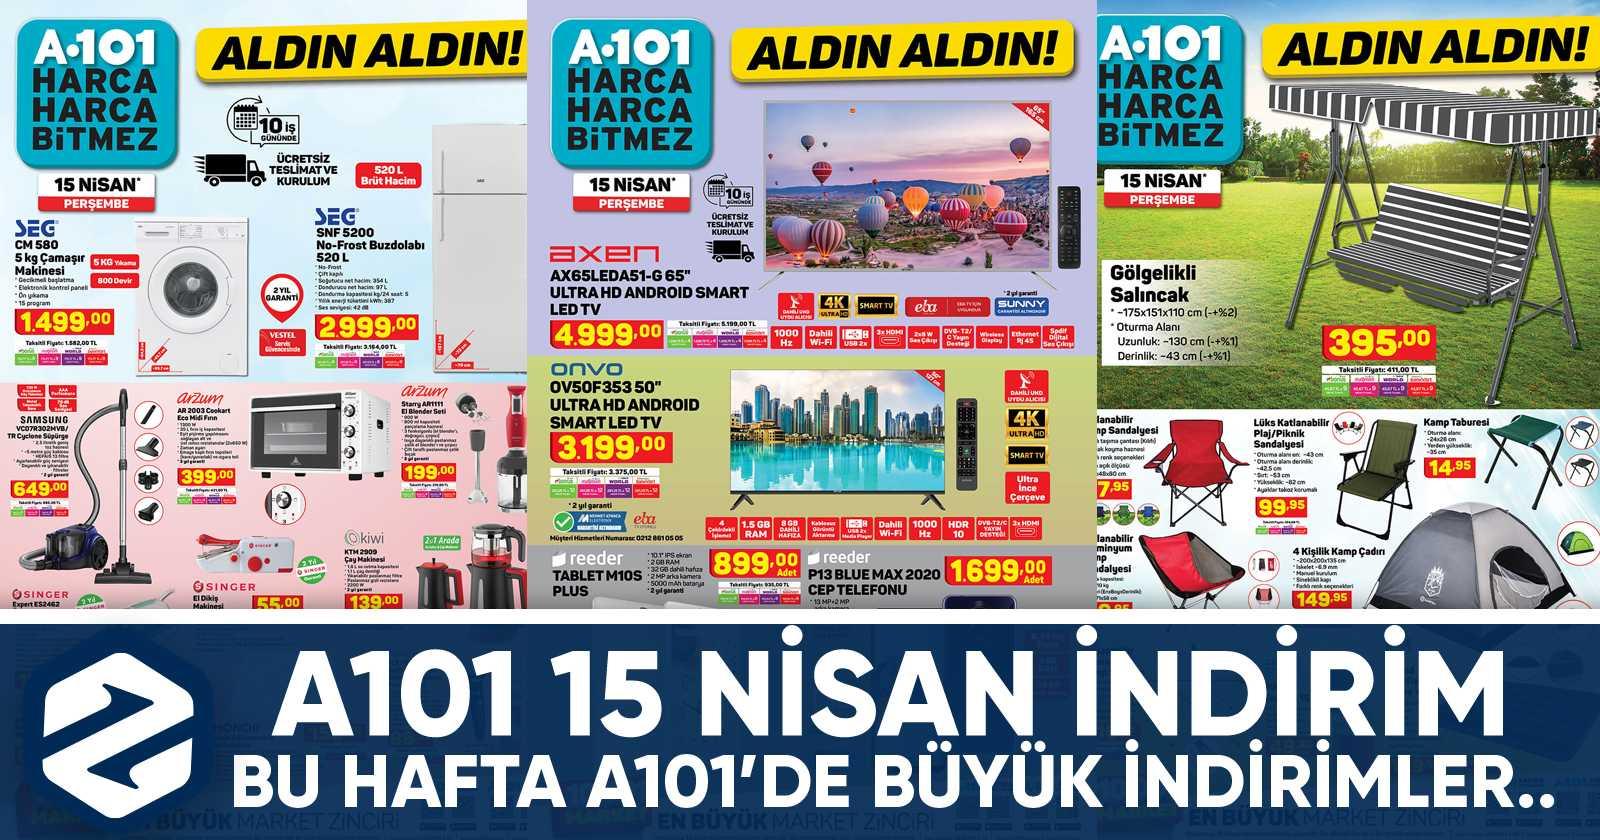 a101 15 nisan aktuel